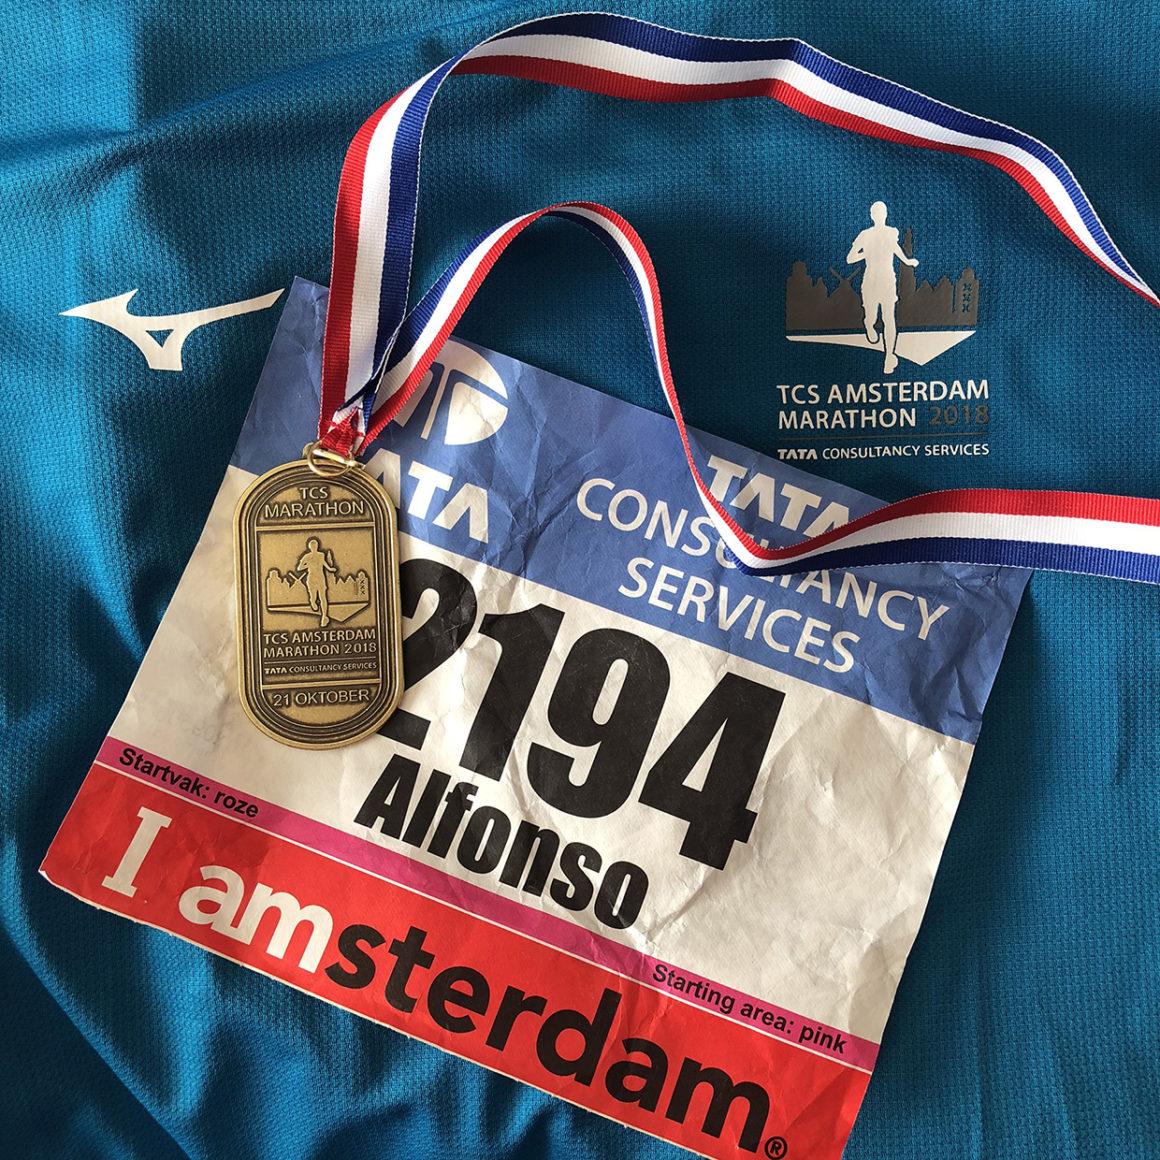 marathon maraton amsterdam maratón de amsterdam - marathon maraton amsterdam 07 1160x1160 - Correr el Maratón de Amsterdam: análisis, recorrido, entrenamiento y recomendaciones de viaje